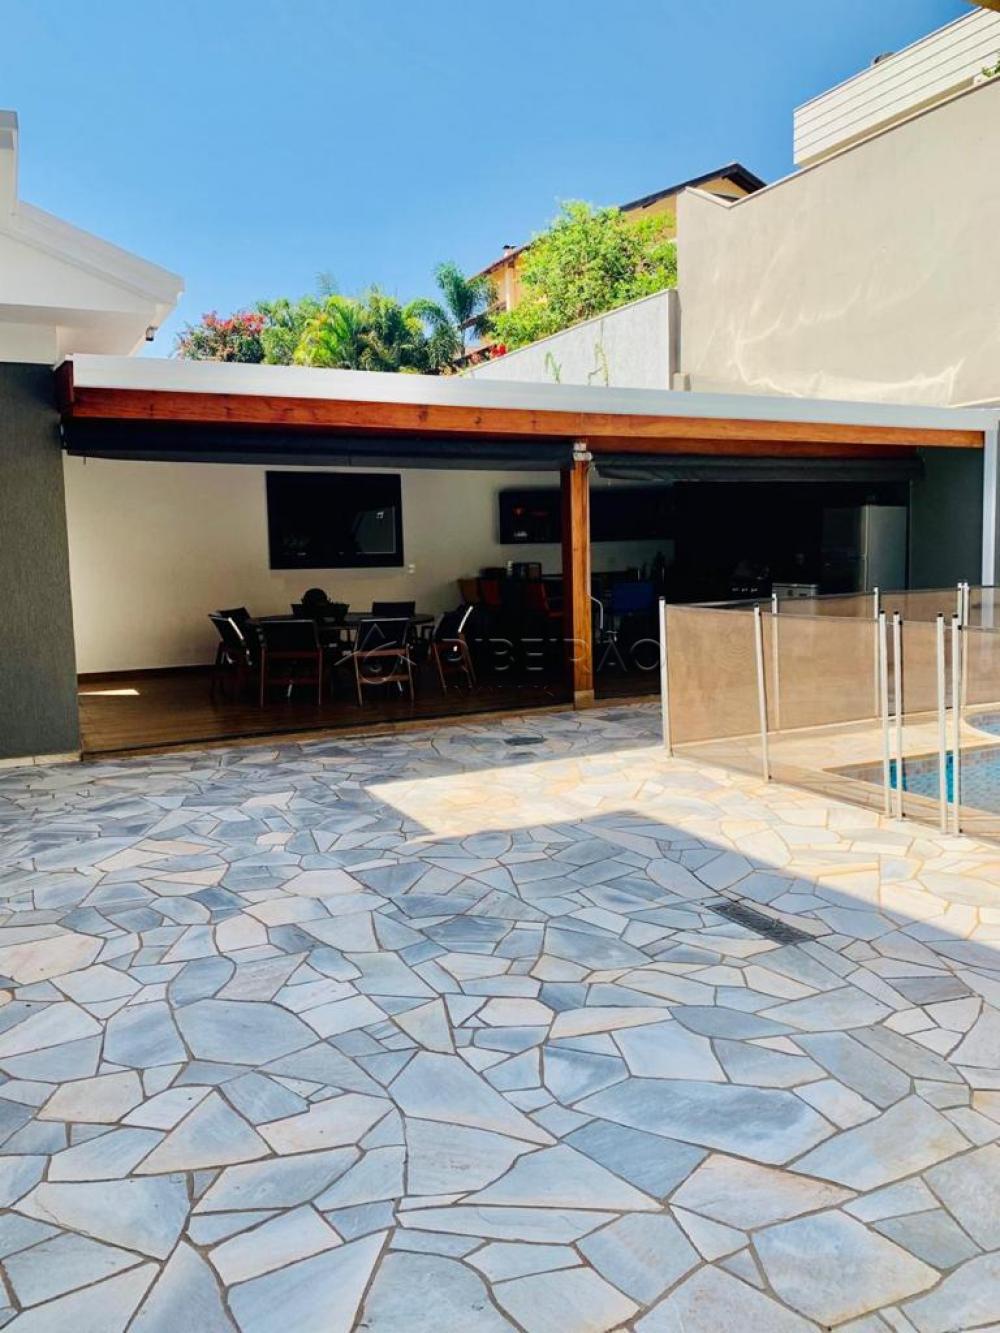 Comprar Casa / Condomínio em Bonfim Paulista R$ 1.550.000,00 - Foto 22